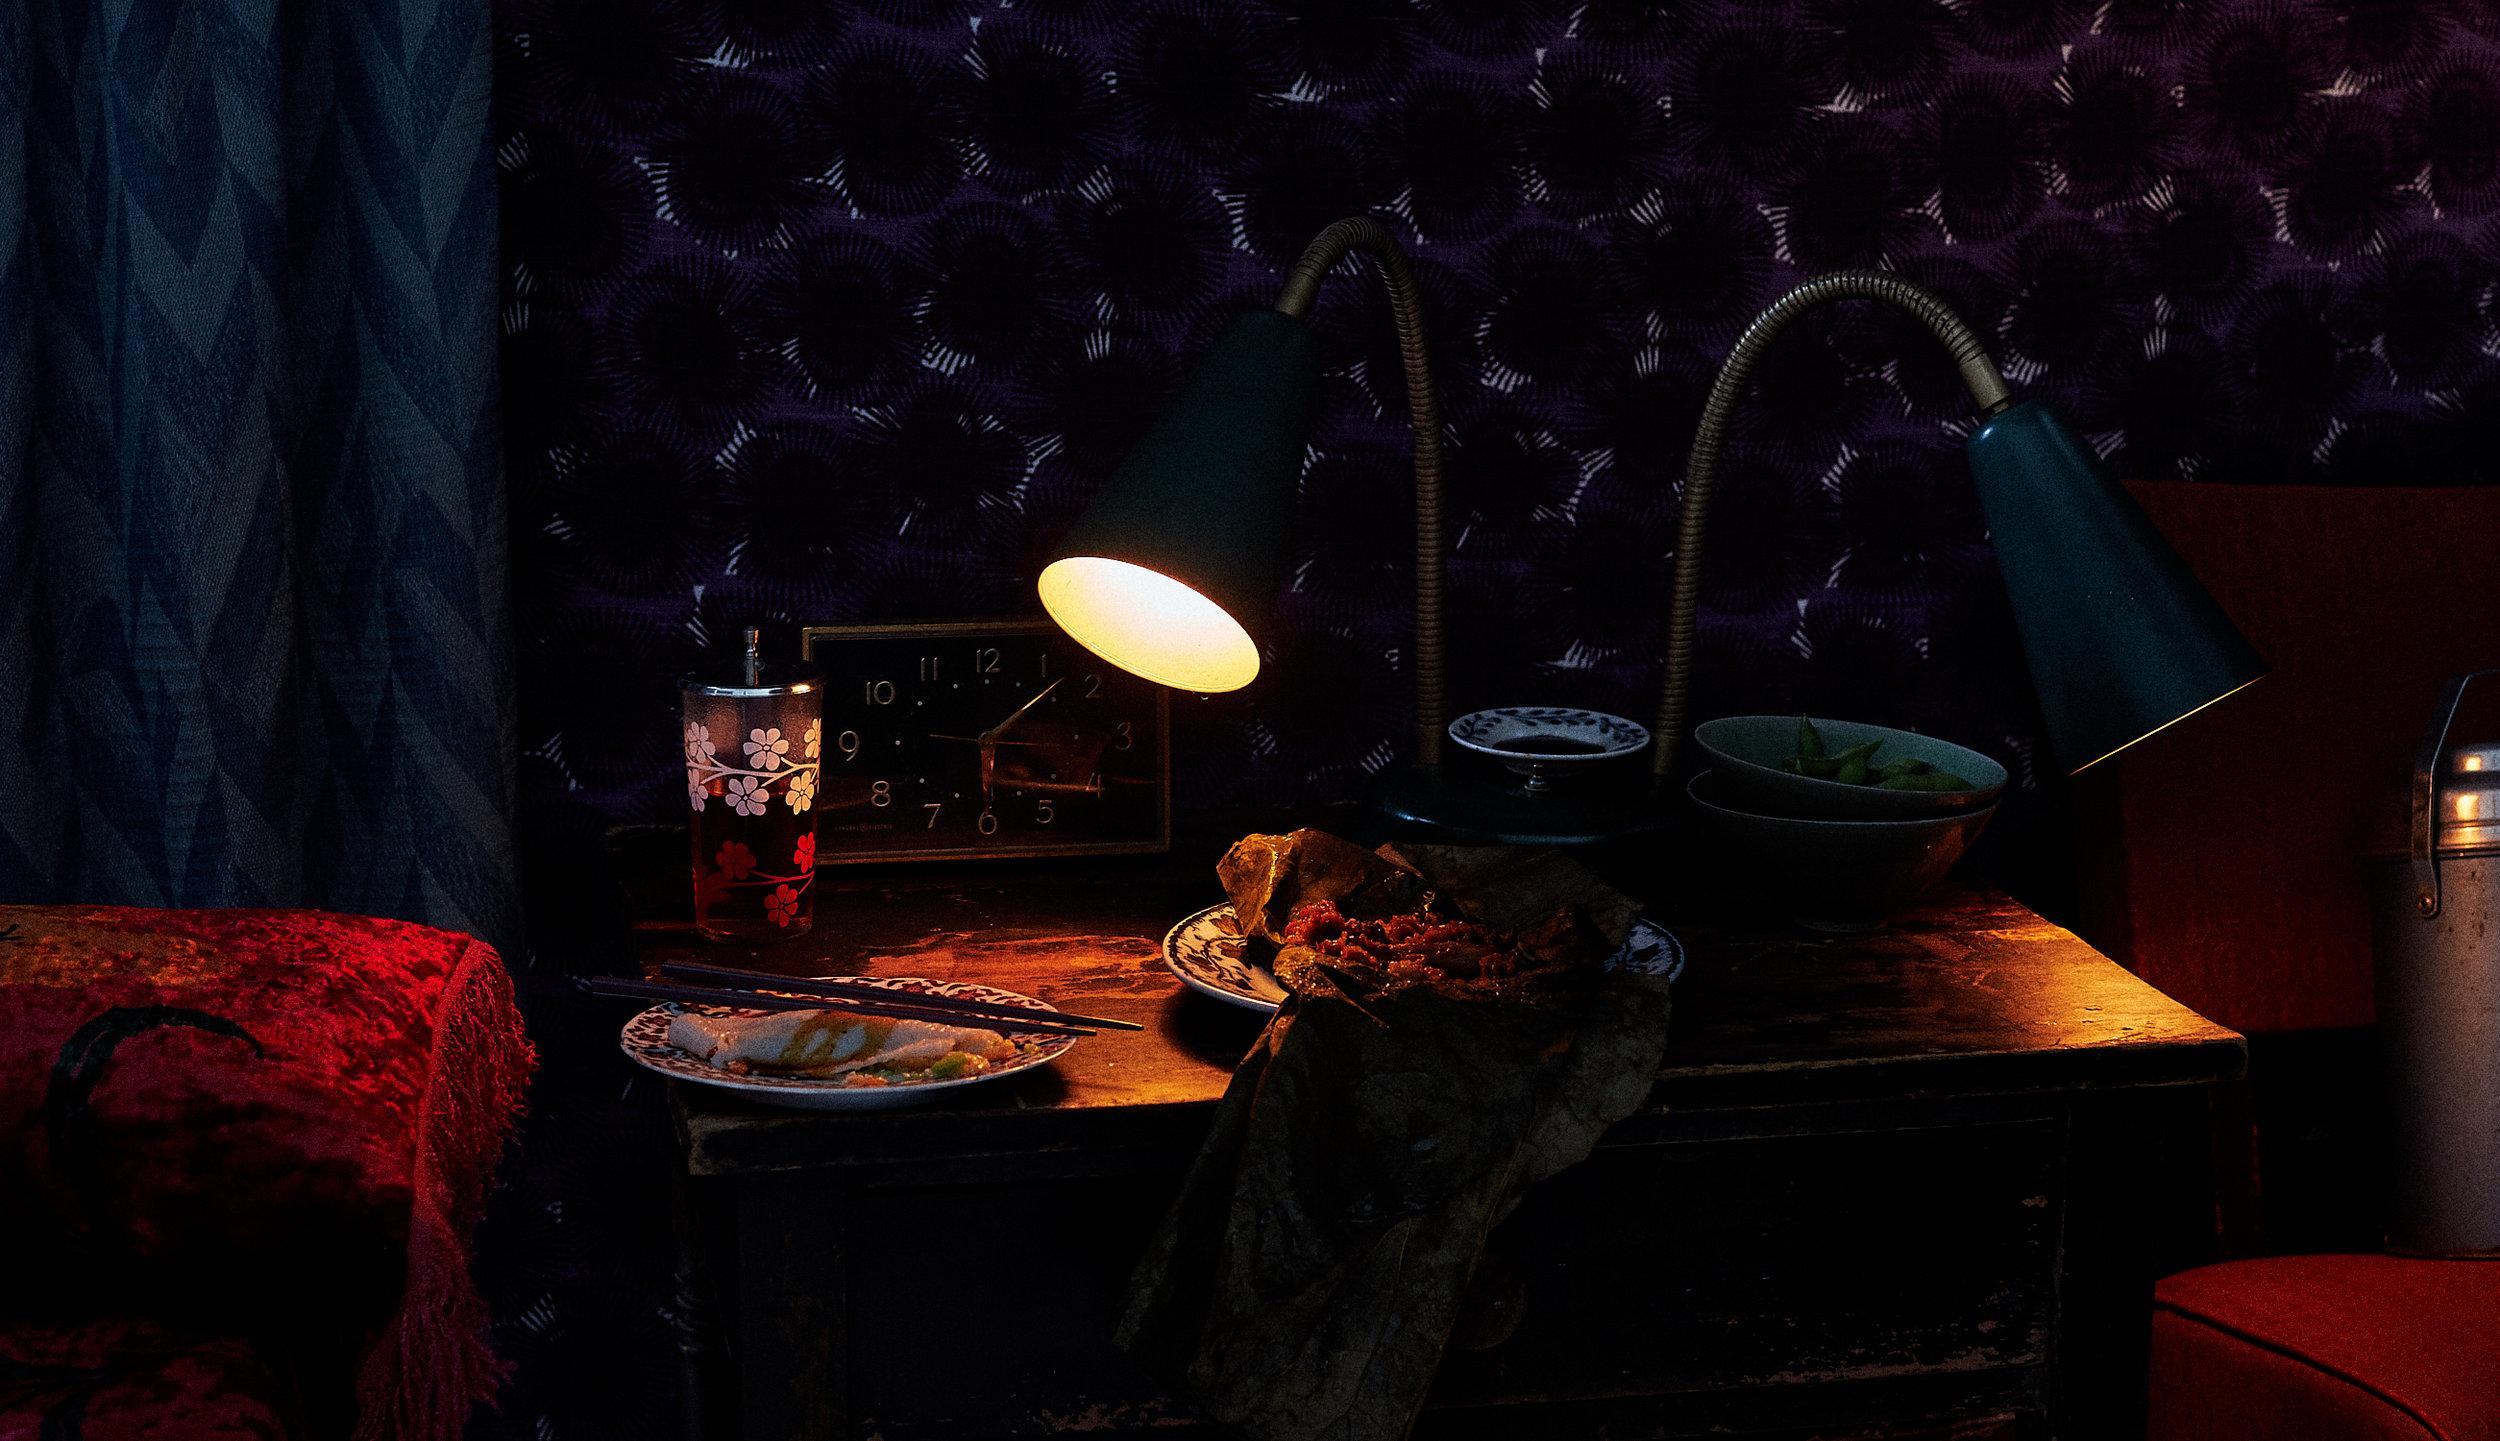 061717_Scns_Mood-_Bedroom-140.jpg